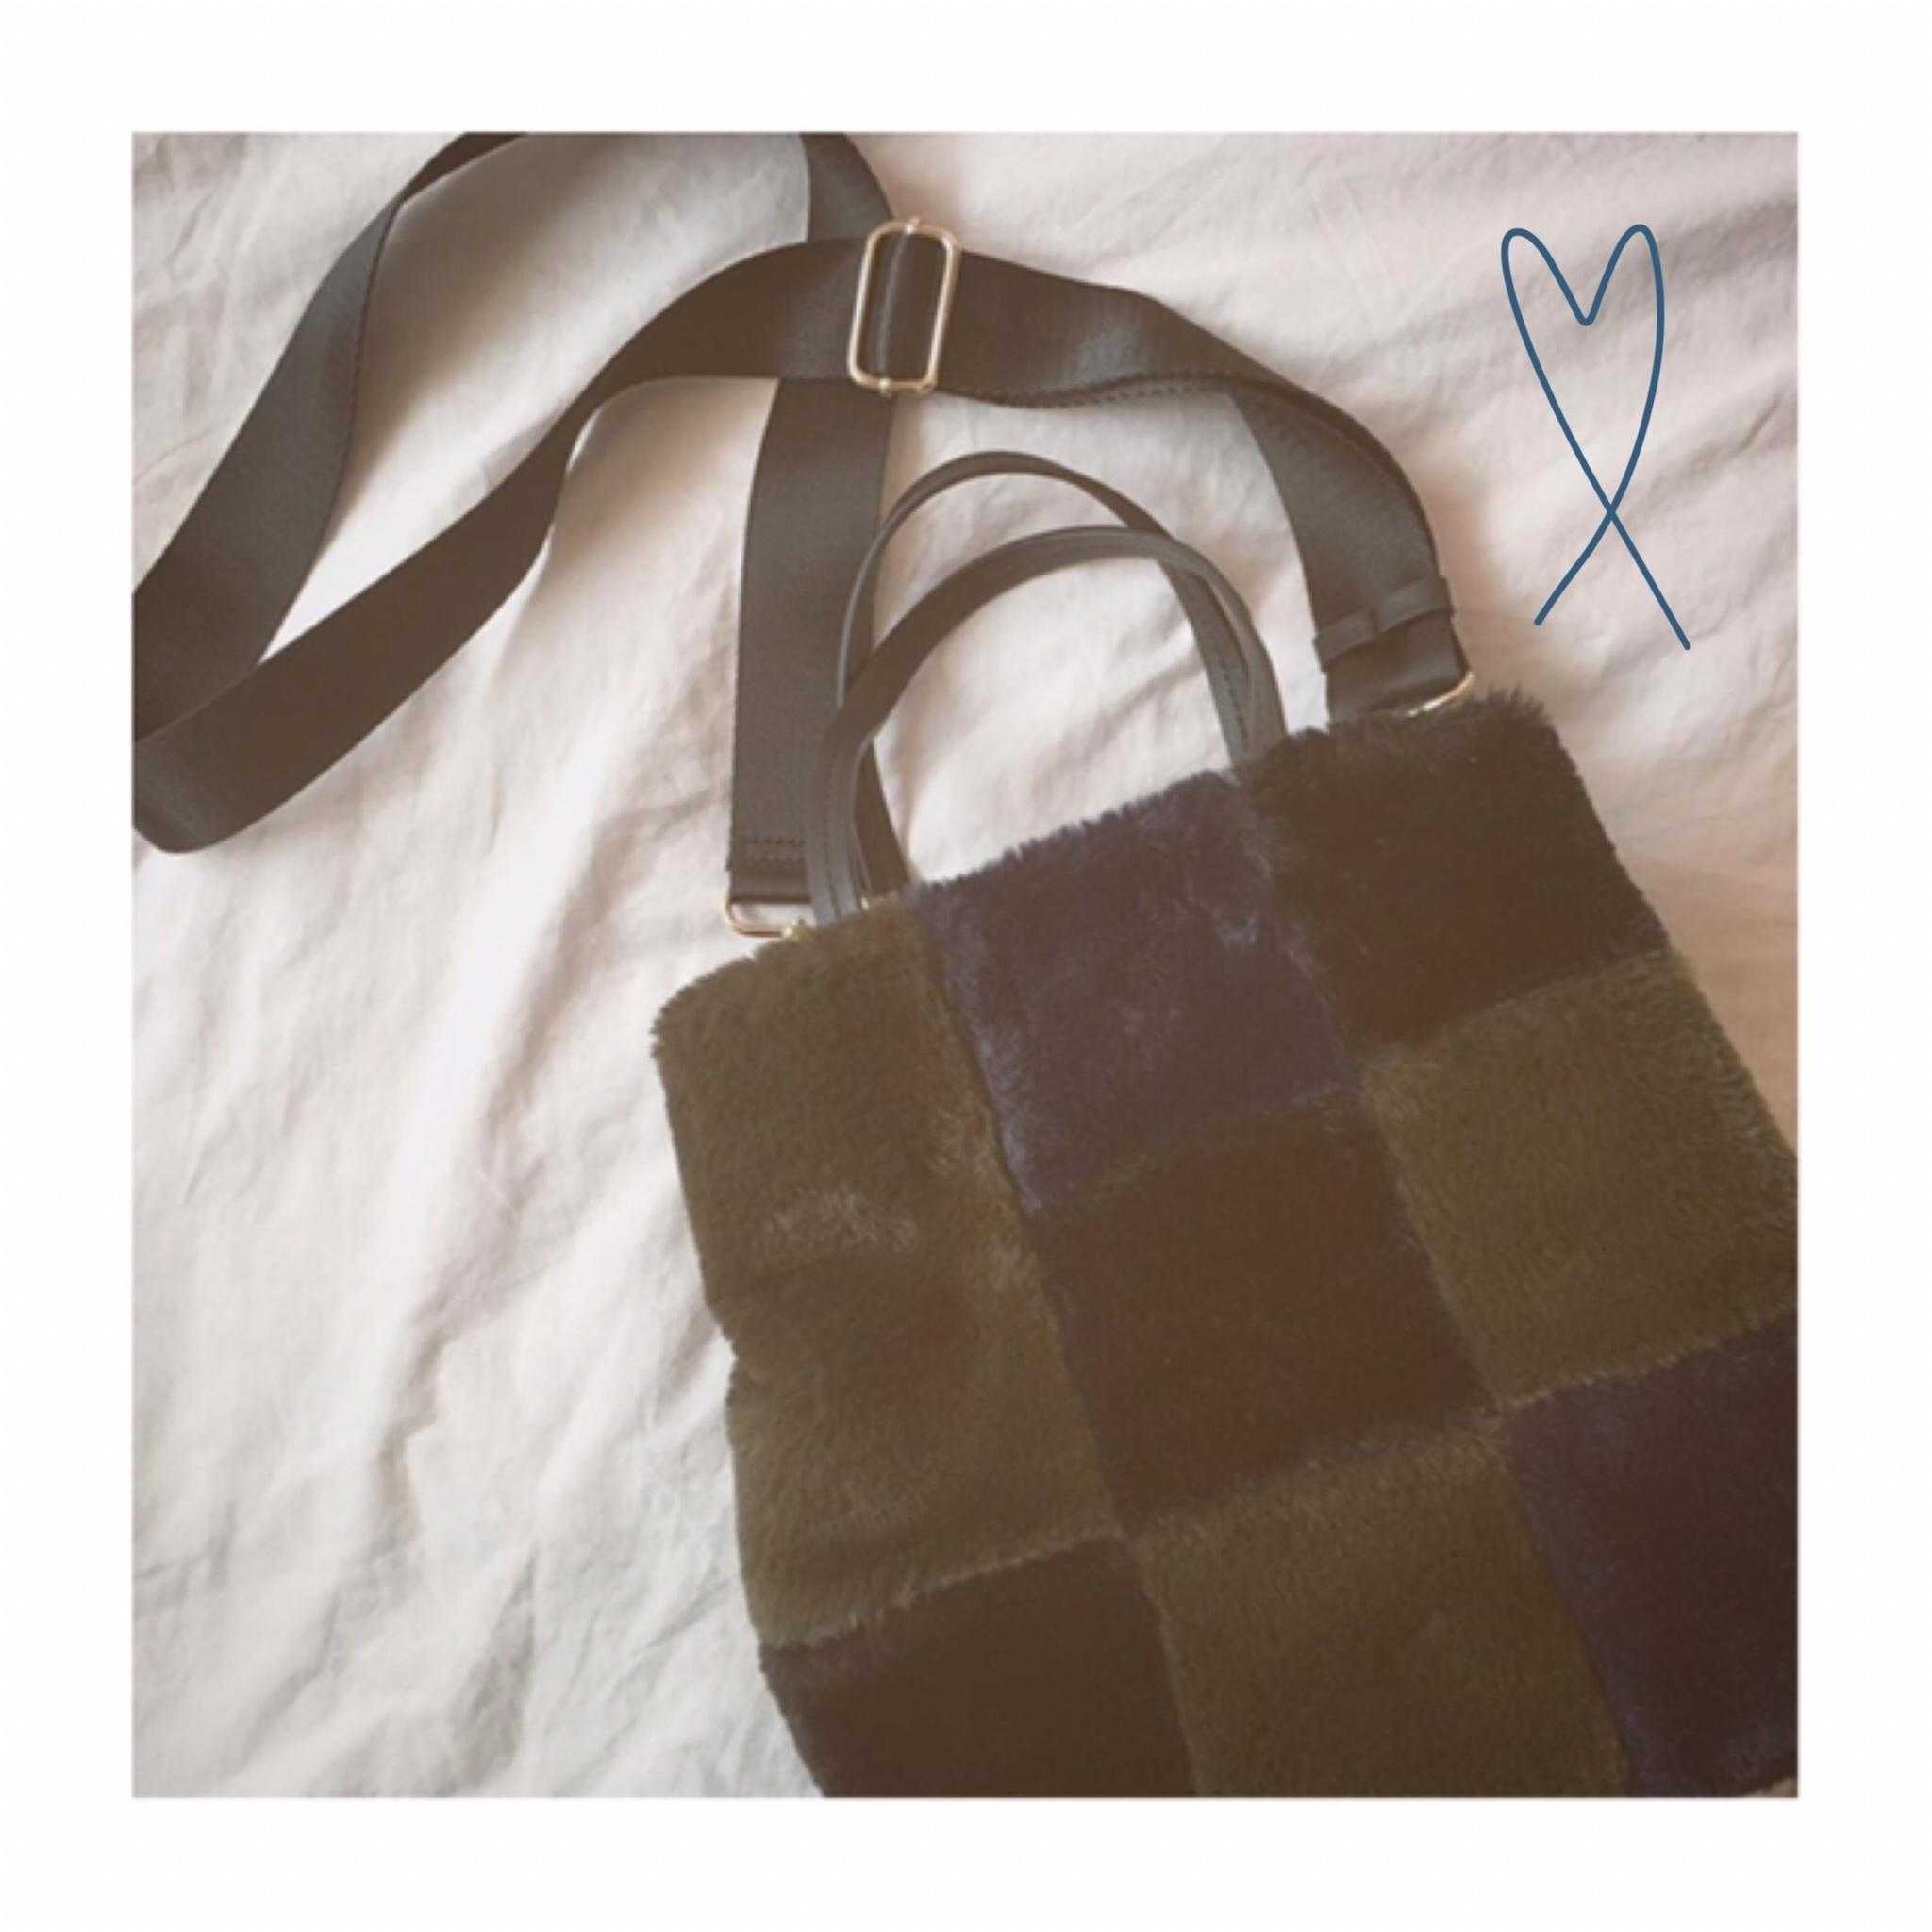 《ザラジョ必見❤️》褒められアイテム✌︎【ZARA】の2WAYファーバッグが高見えで可愛すぎる!_2